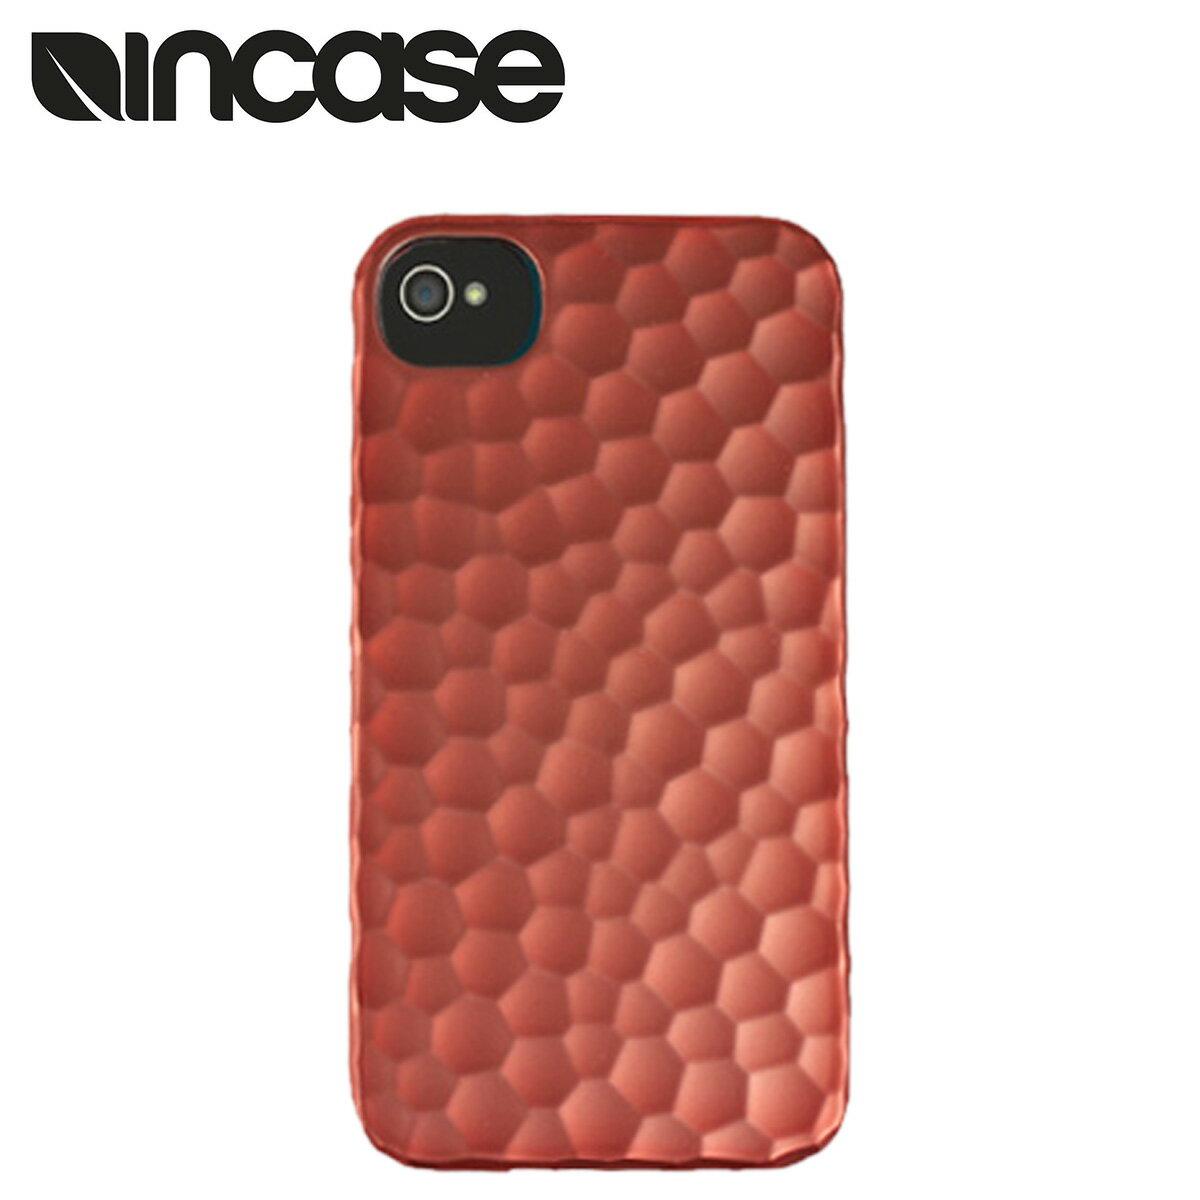 インケース INCASE iPhone ケース CL59992 メンズ レディース 【ネコポス可】 【CLEARANCE】【返品不可】